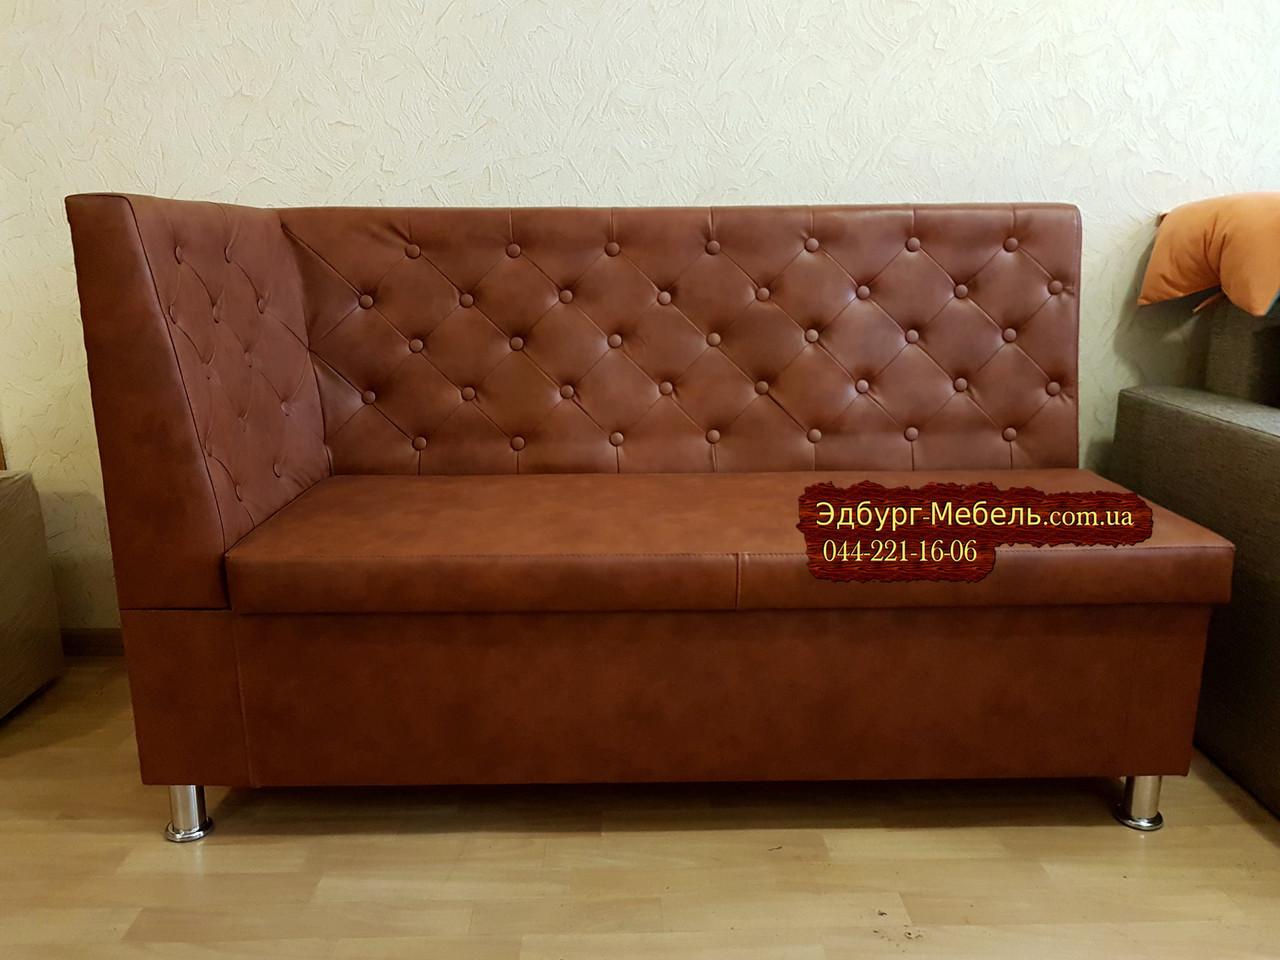 Кухонный диван, лавка с ящиком Ренессанс 150х60см